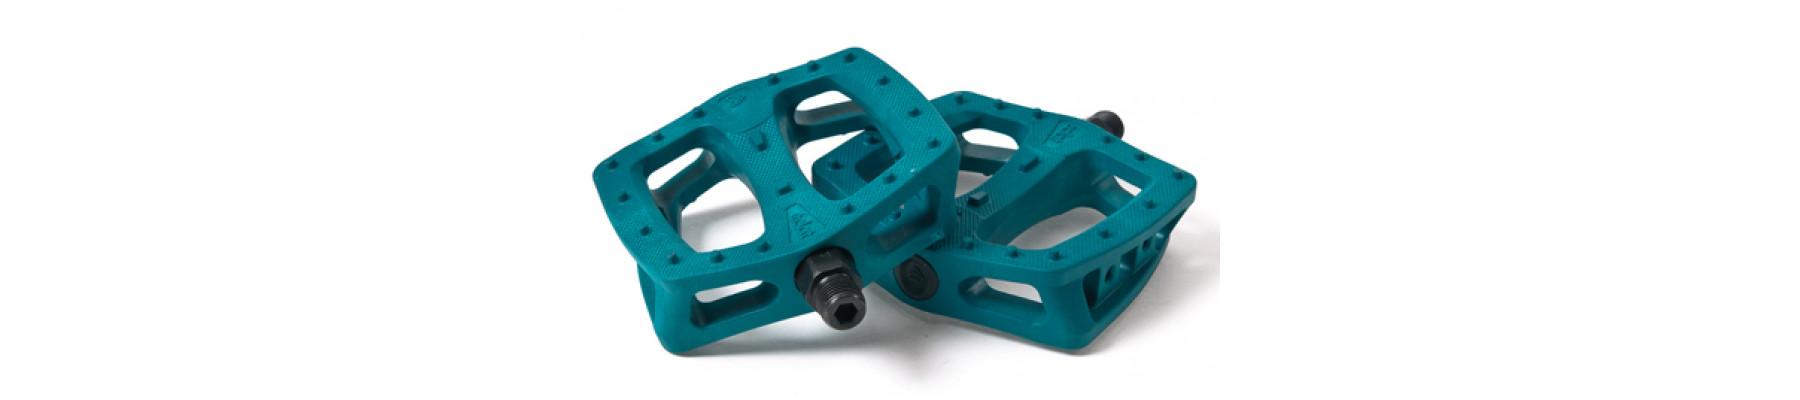 Eclat Plaza Plastic pedals Midnight teal